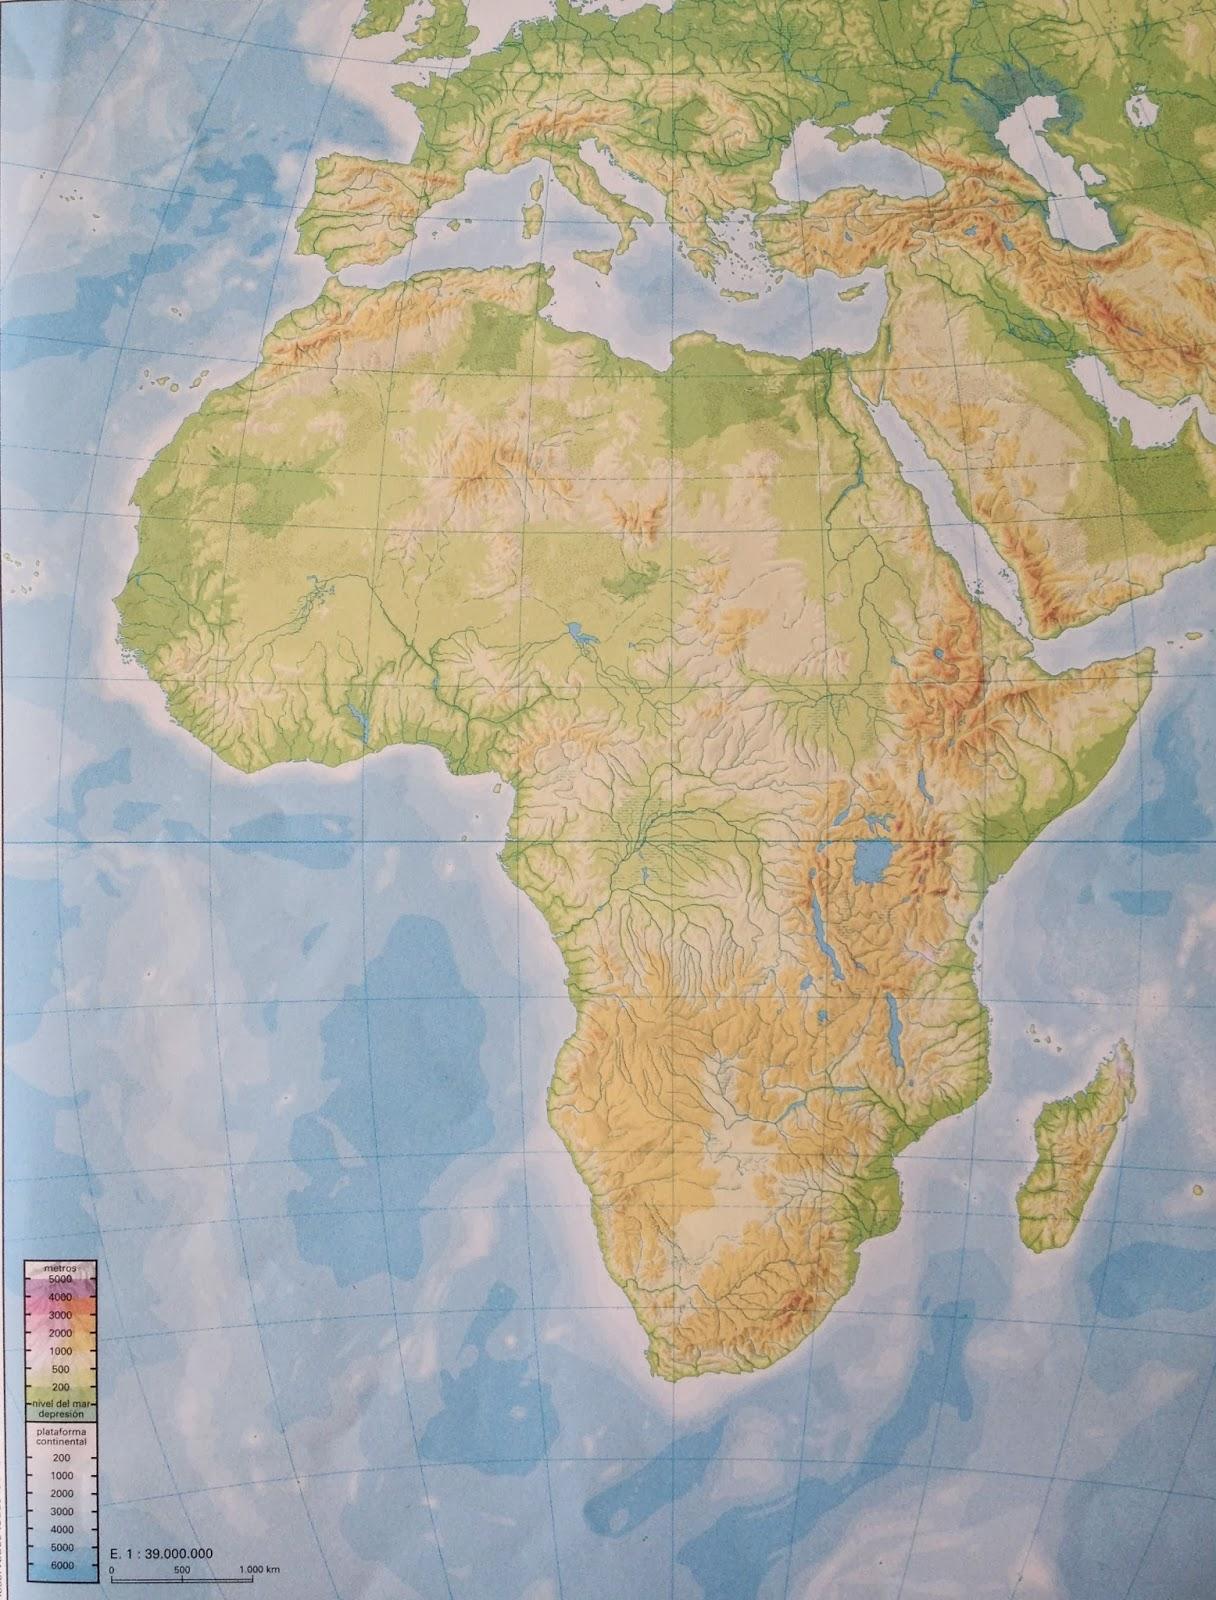 Juegos De Geografía Juego De Mapa Físico De áfrica 4 Cerebriti